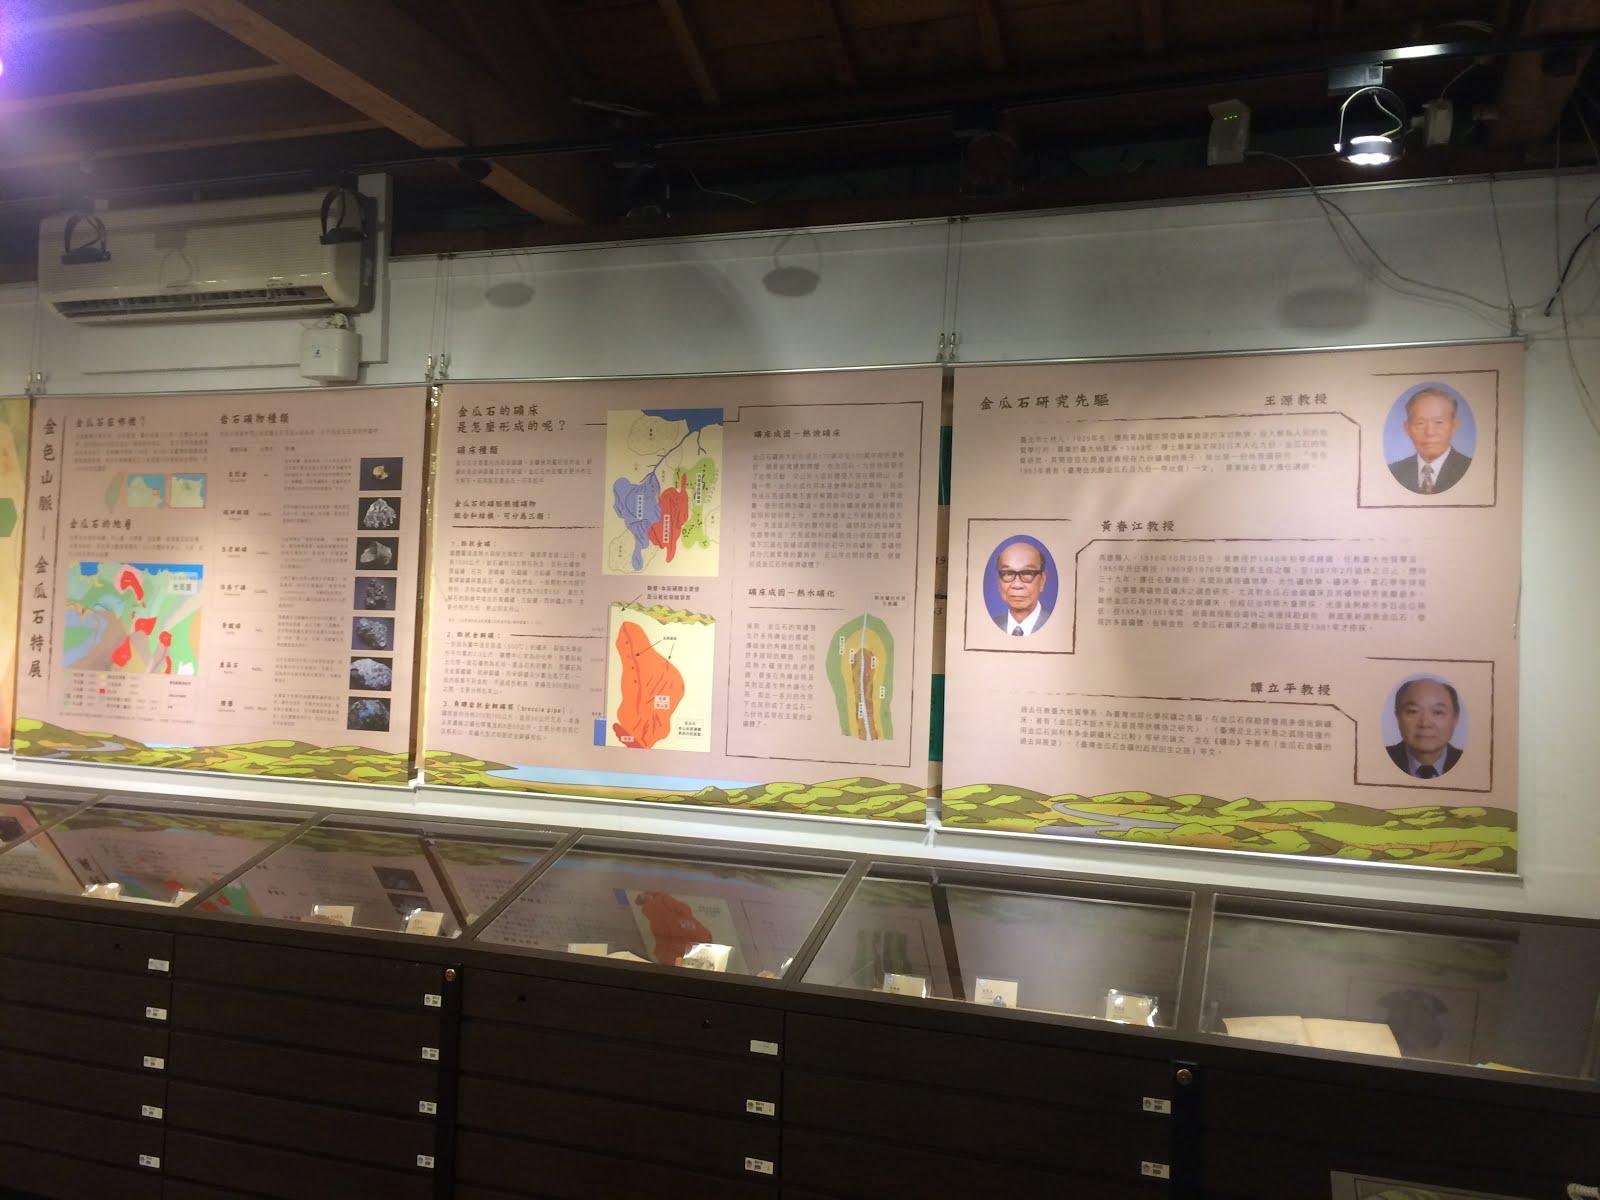 地質 標本 館